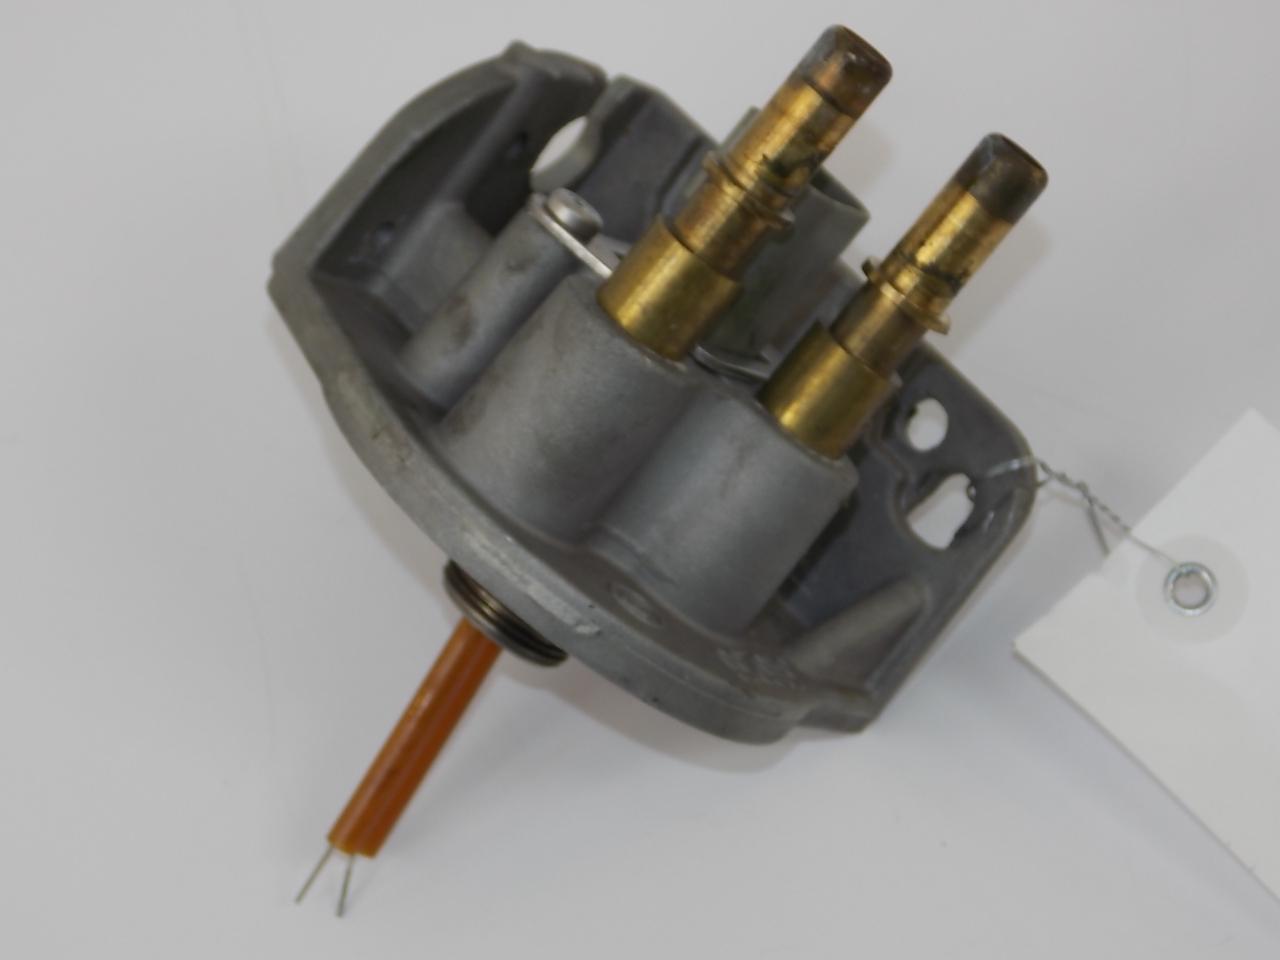 Ficht Evinrude Fuel Filter Housing Assy 5001252 2002-2006 75 90 115 135 175  200+